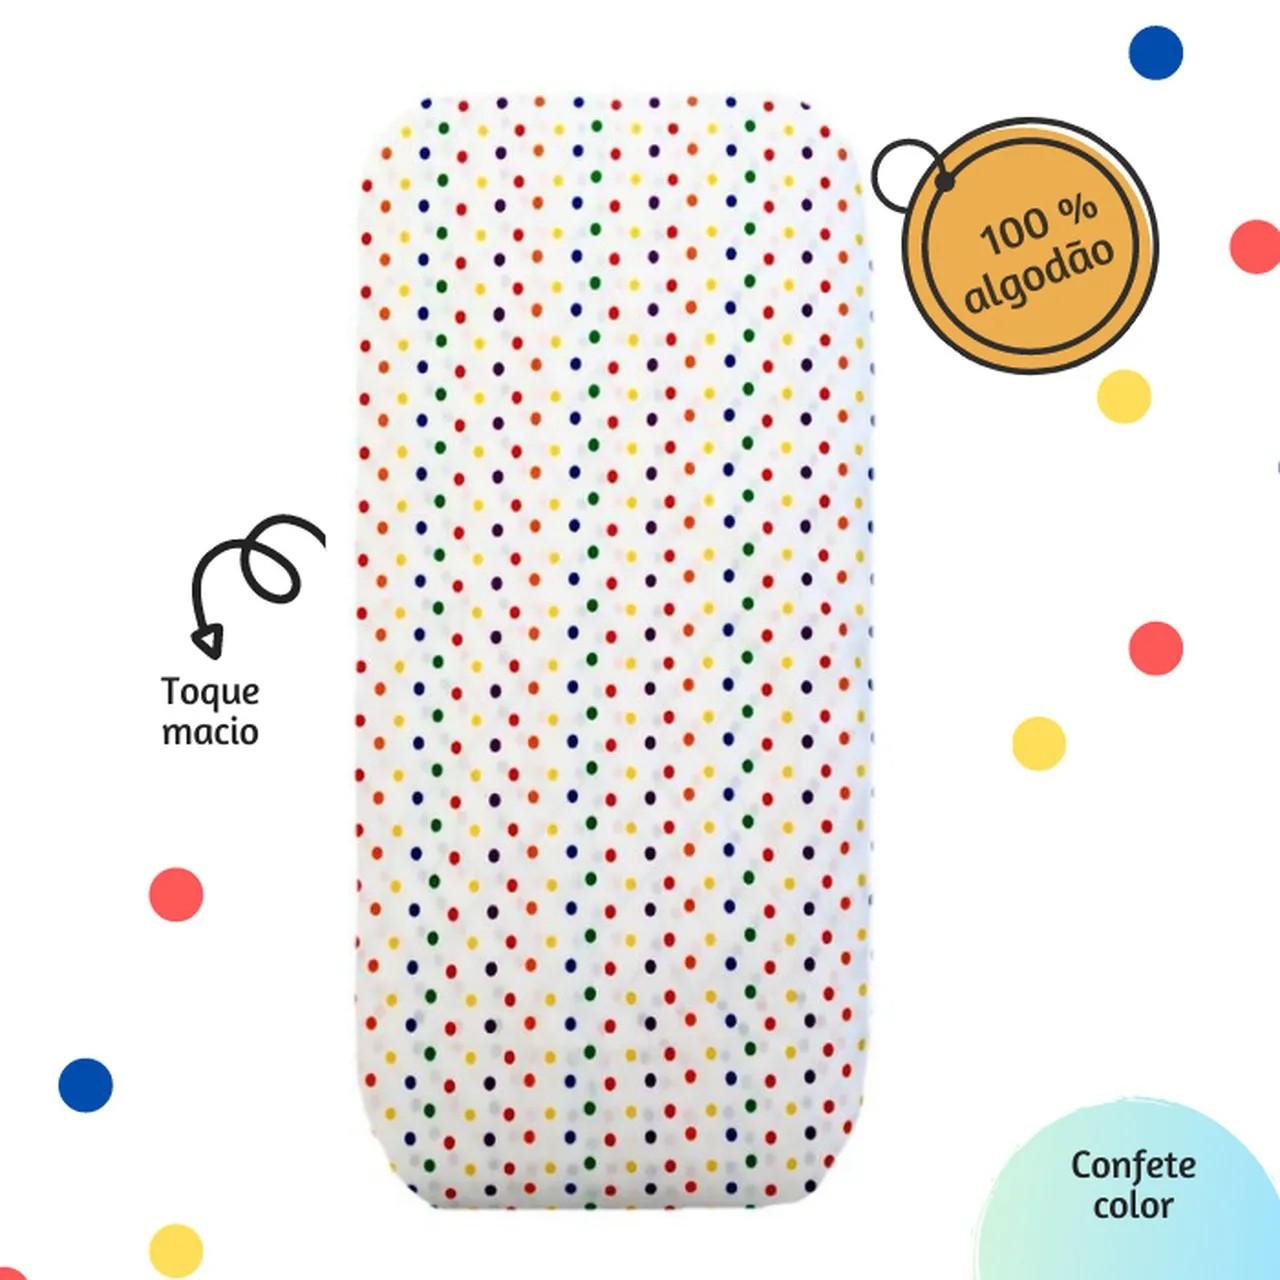 Lençol com elástico mini berço Confete color 100% algodão